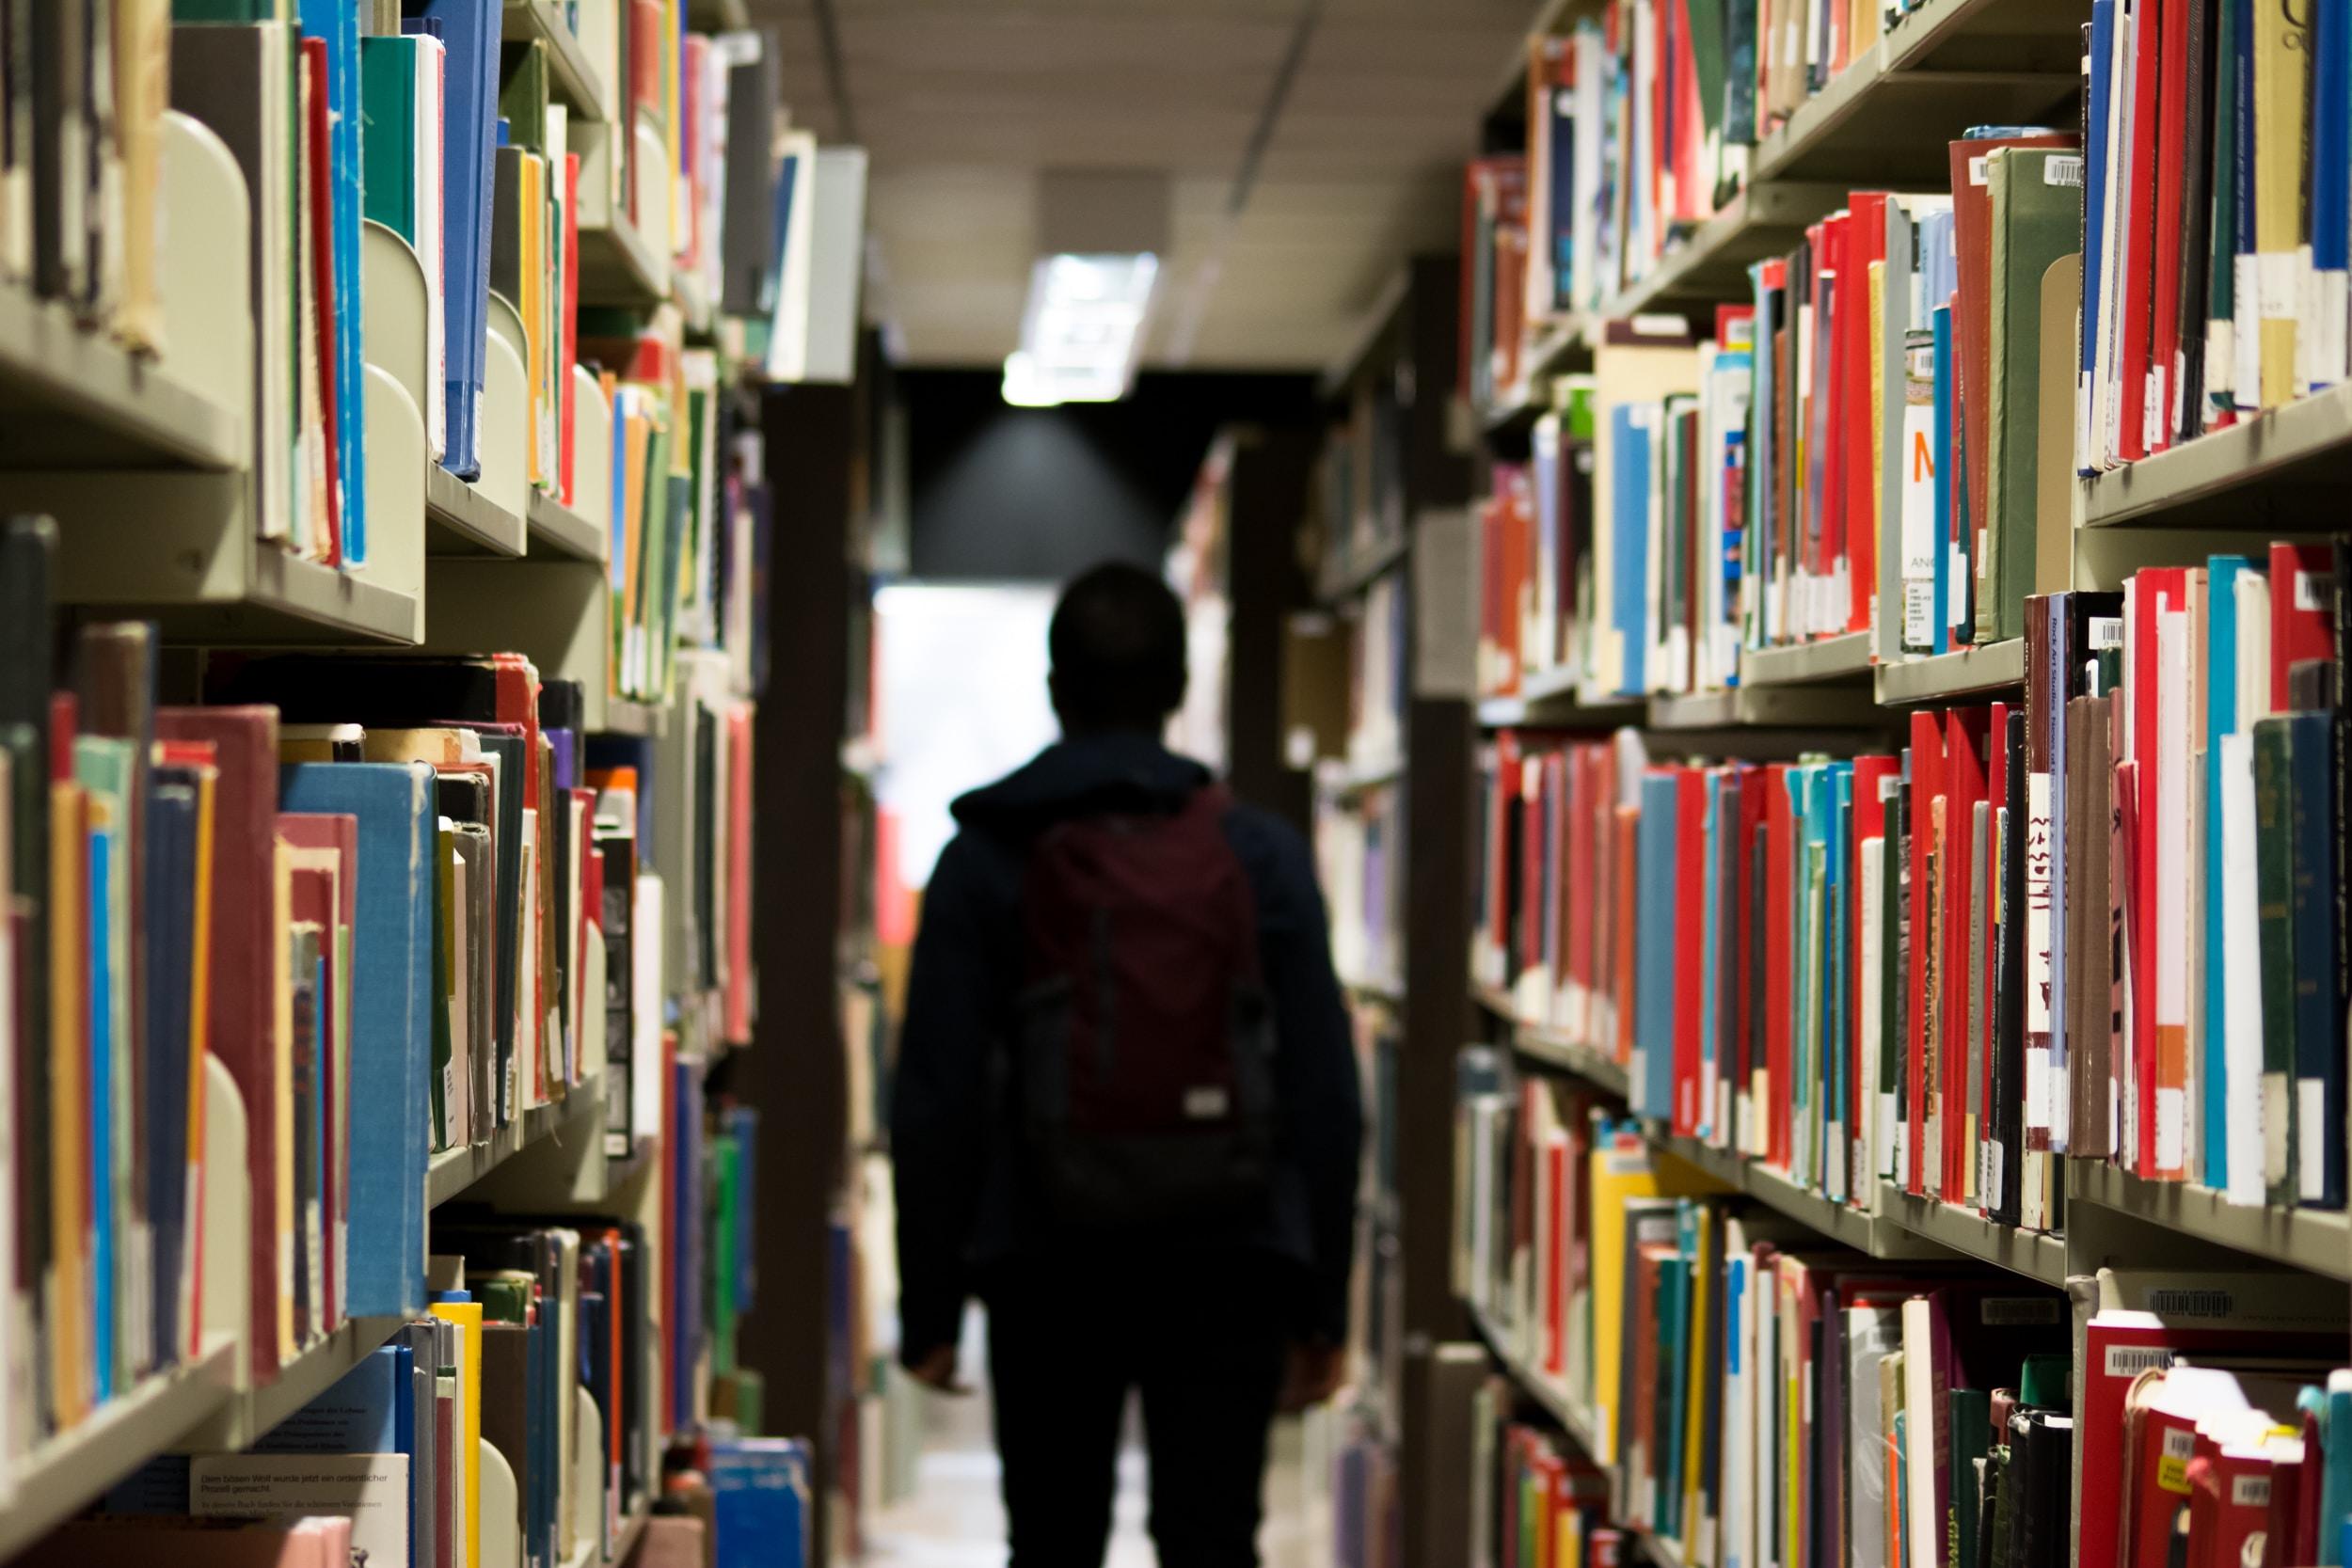 中卒から高卒認定→大学入学において心得ておきたいチェックリスト